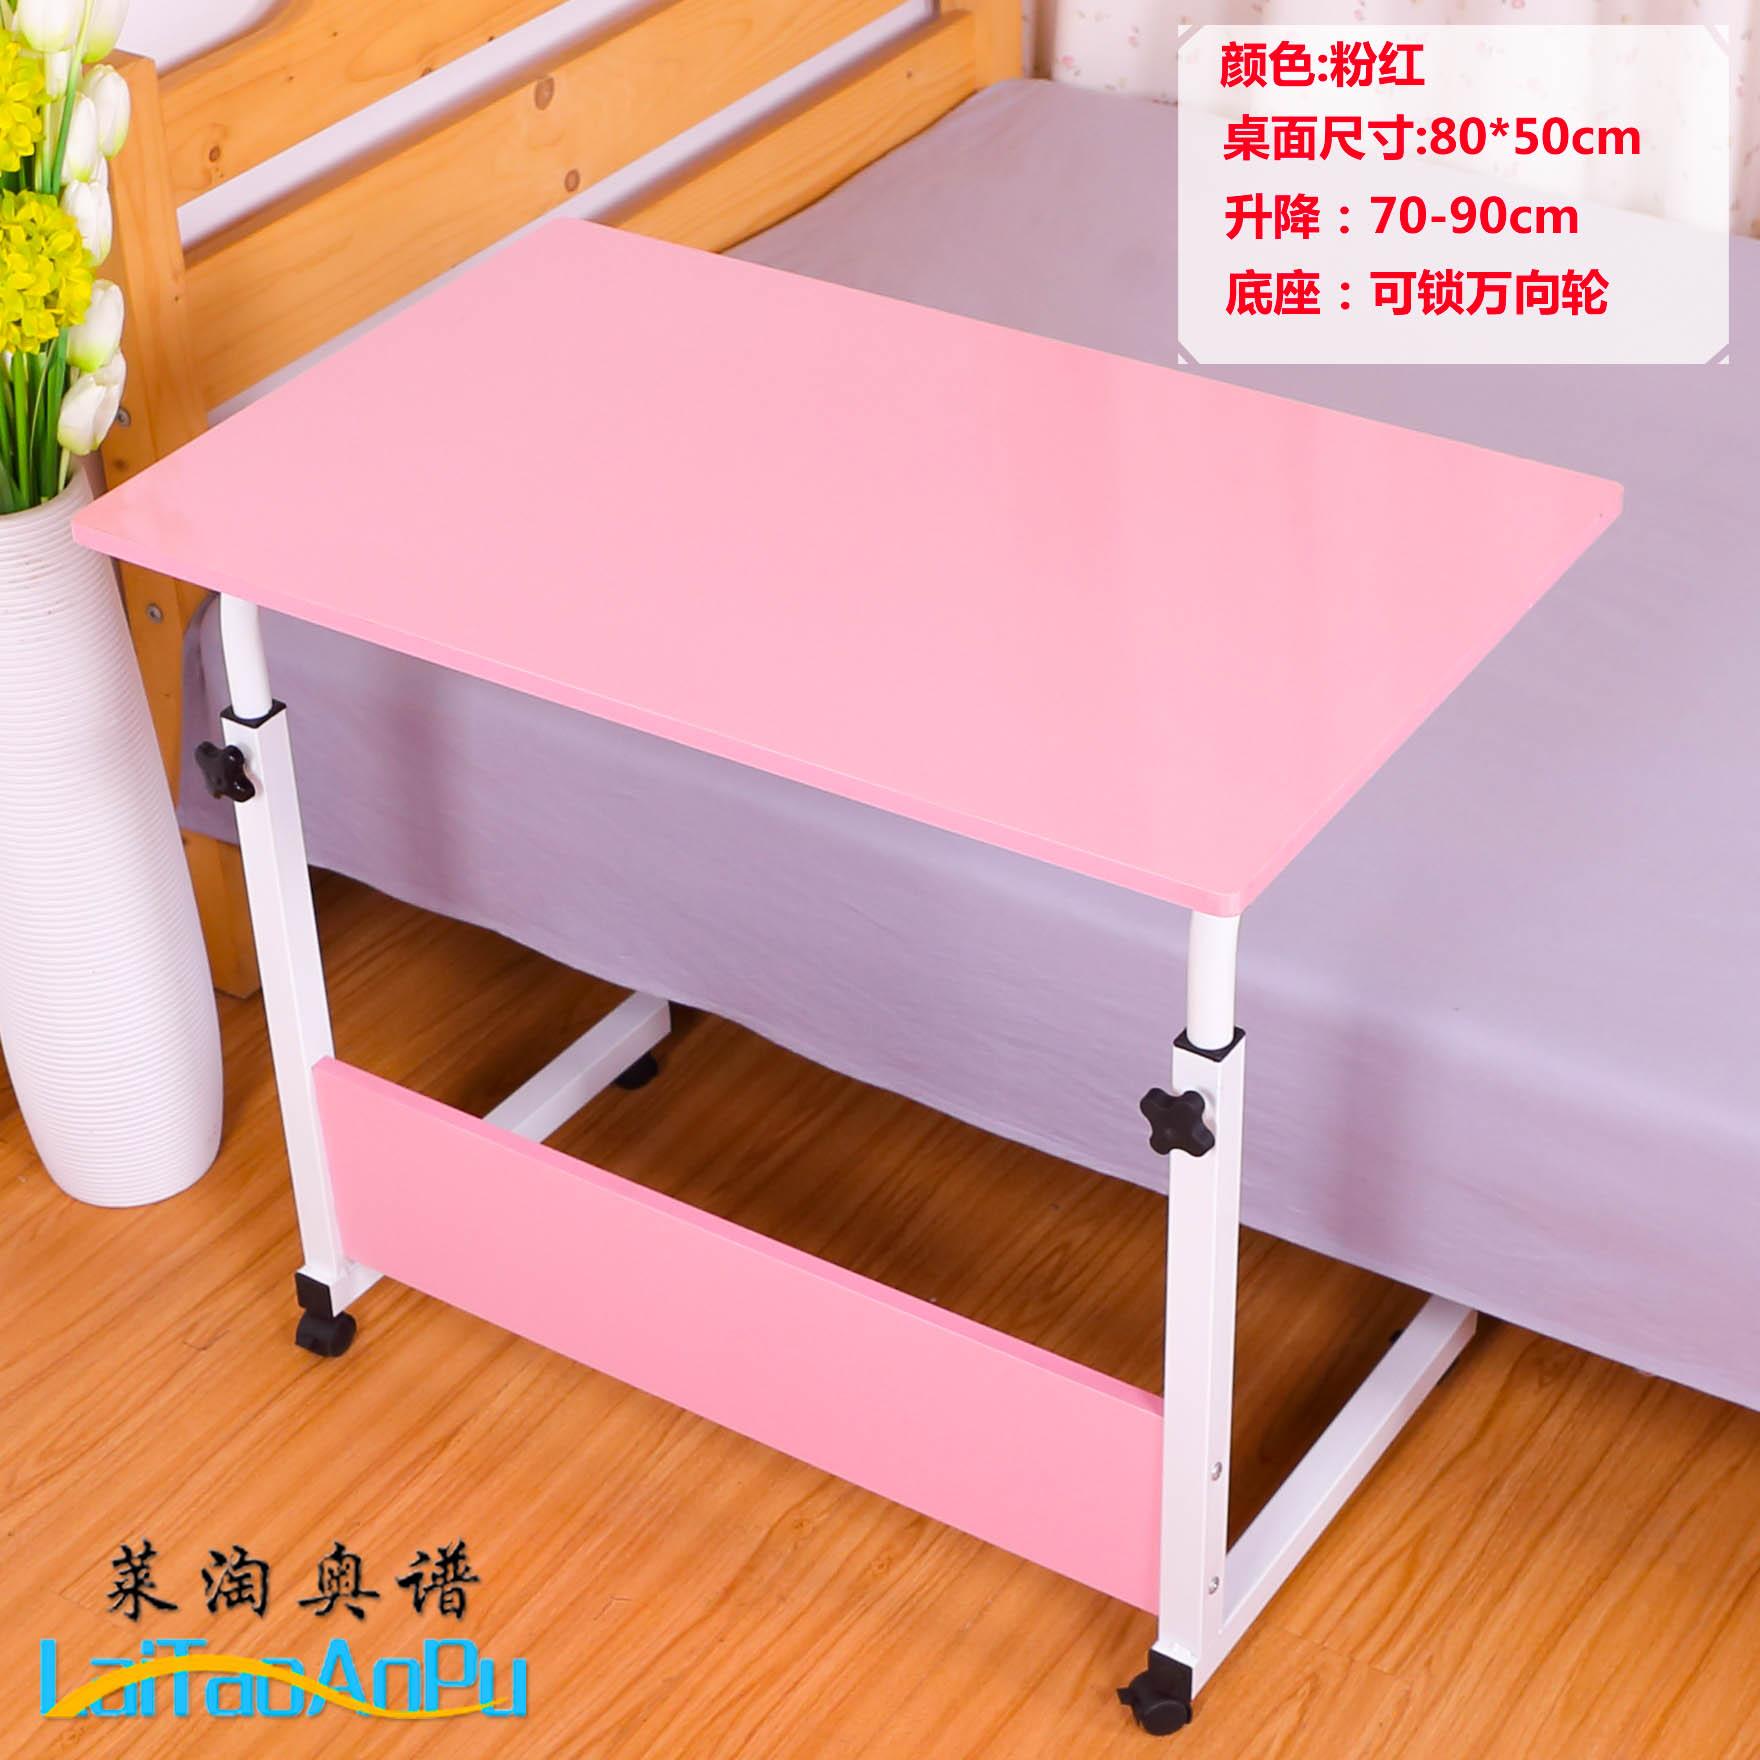 Цвет: Пластина Pink мула для 80 * 50